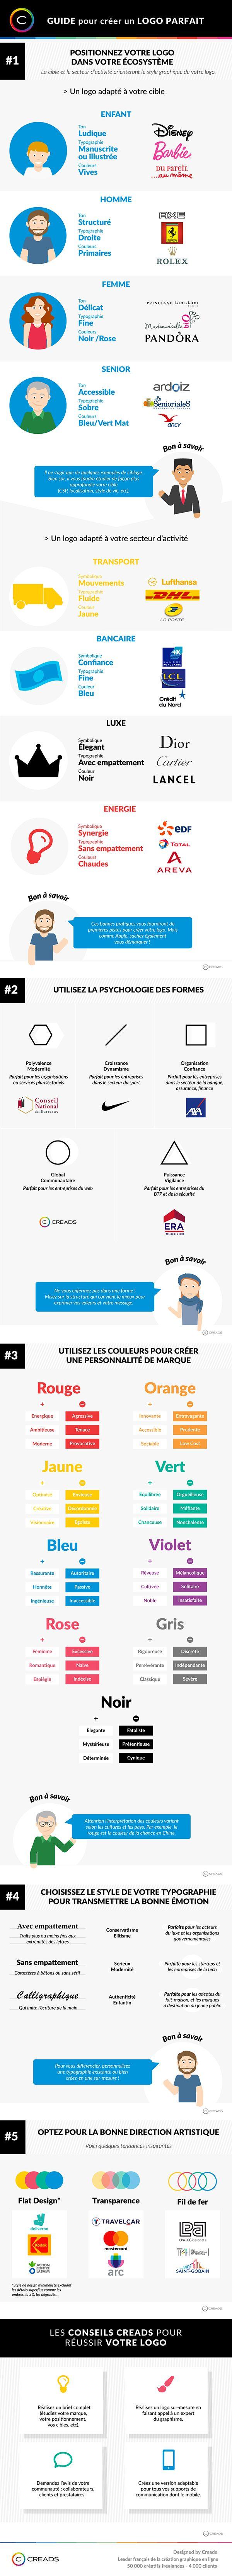 créer un #logo parfait : super #infographie !